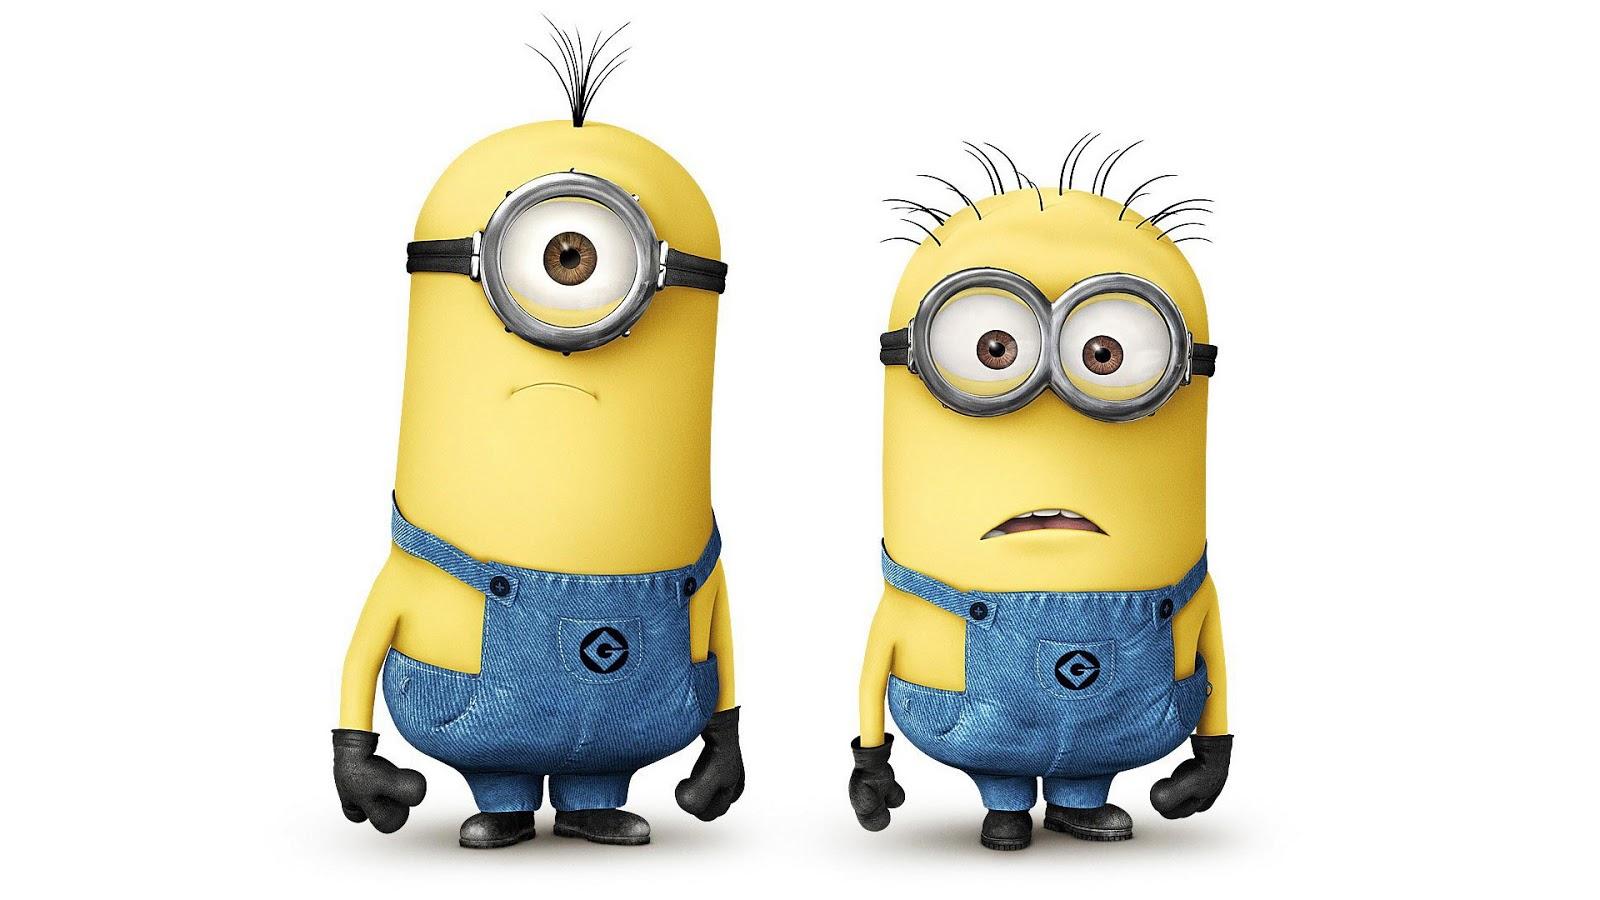 Disney Minions Image - Minions...